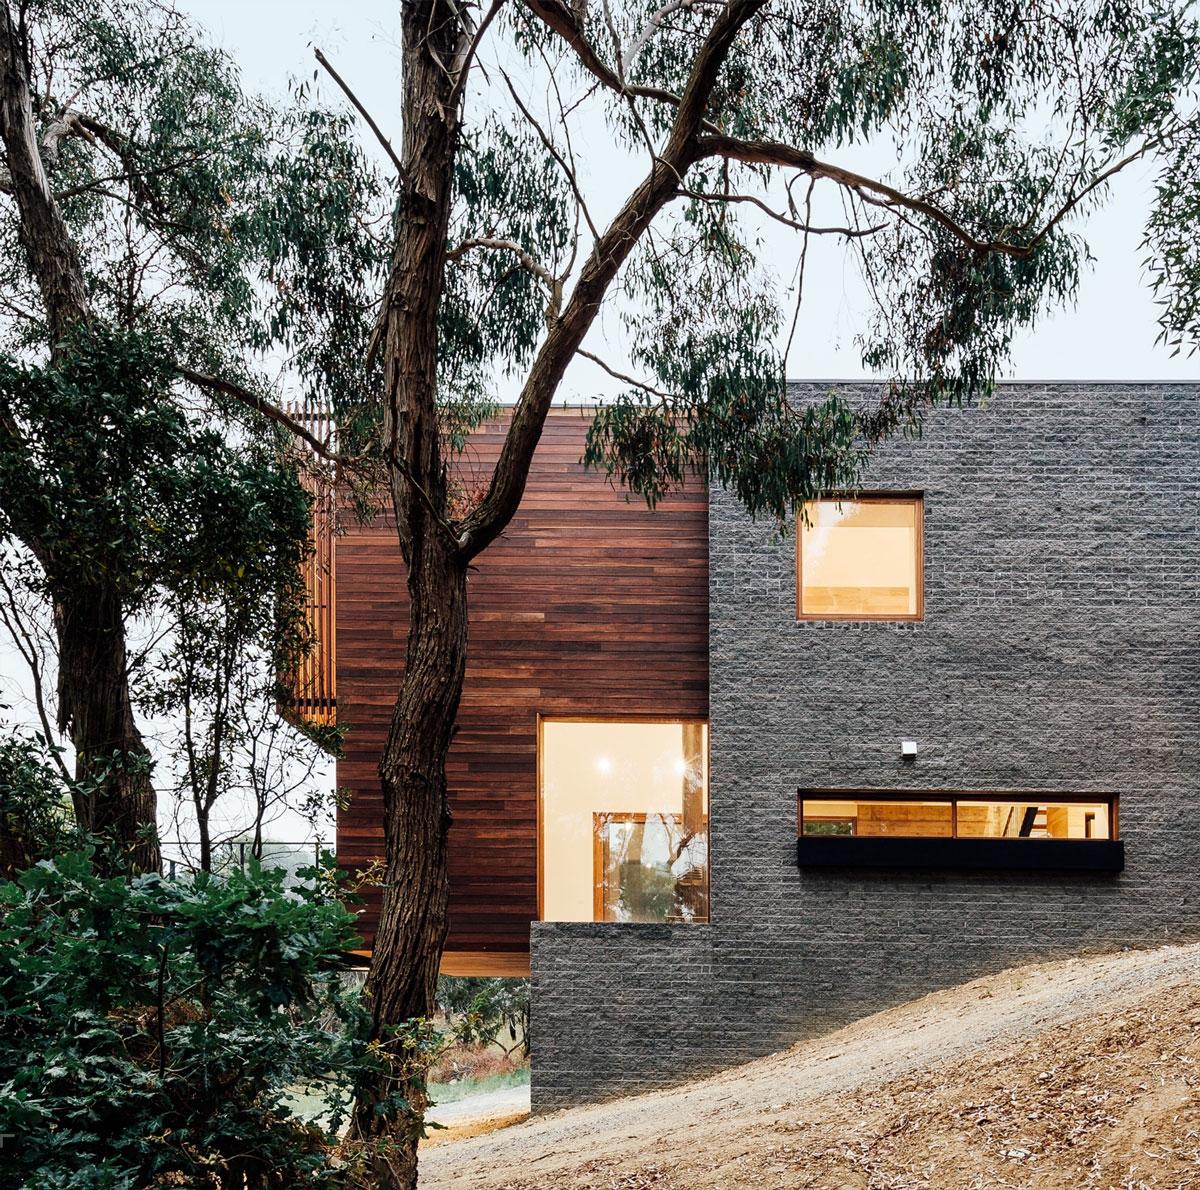 Загородный дом на крутом склоне, Австралия